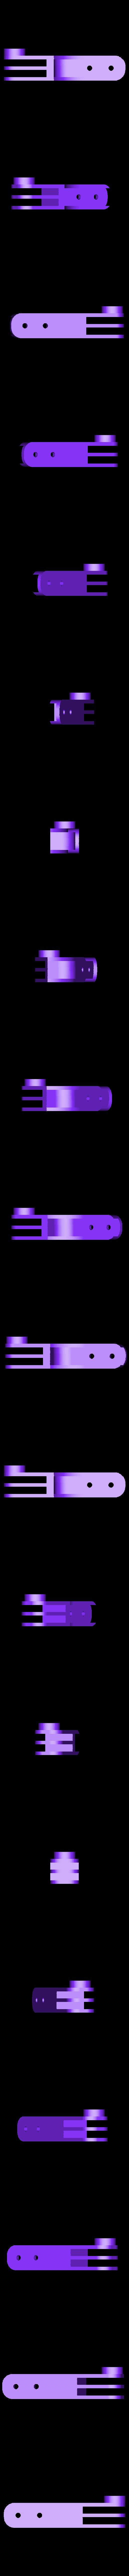 Screw_In_Holder_v_02.stl Download free STL file Go Pro Permanent Holder v 02 • 3D printing design, xip28xip